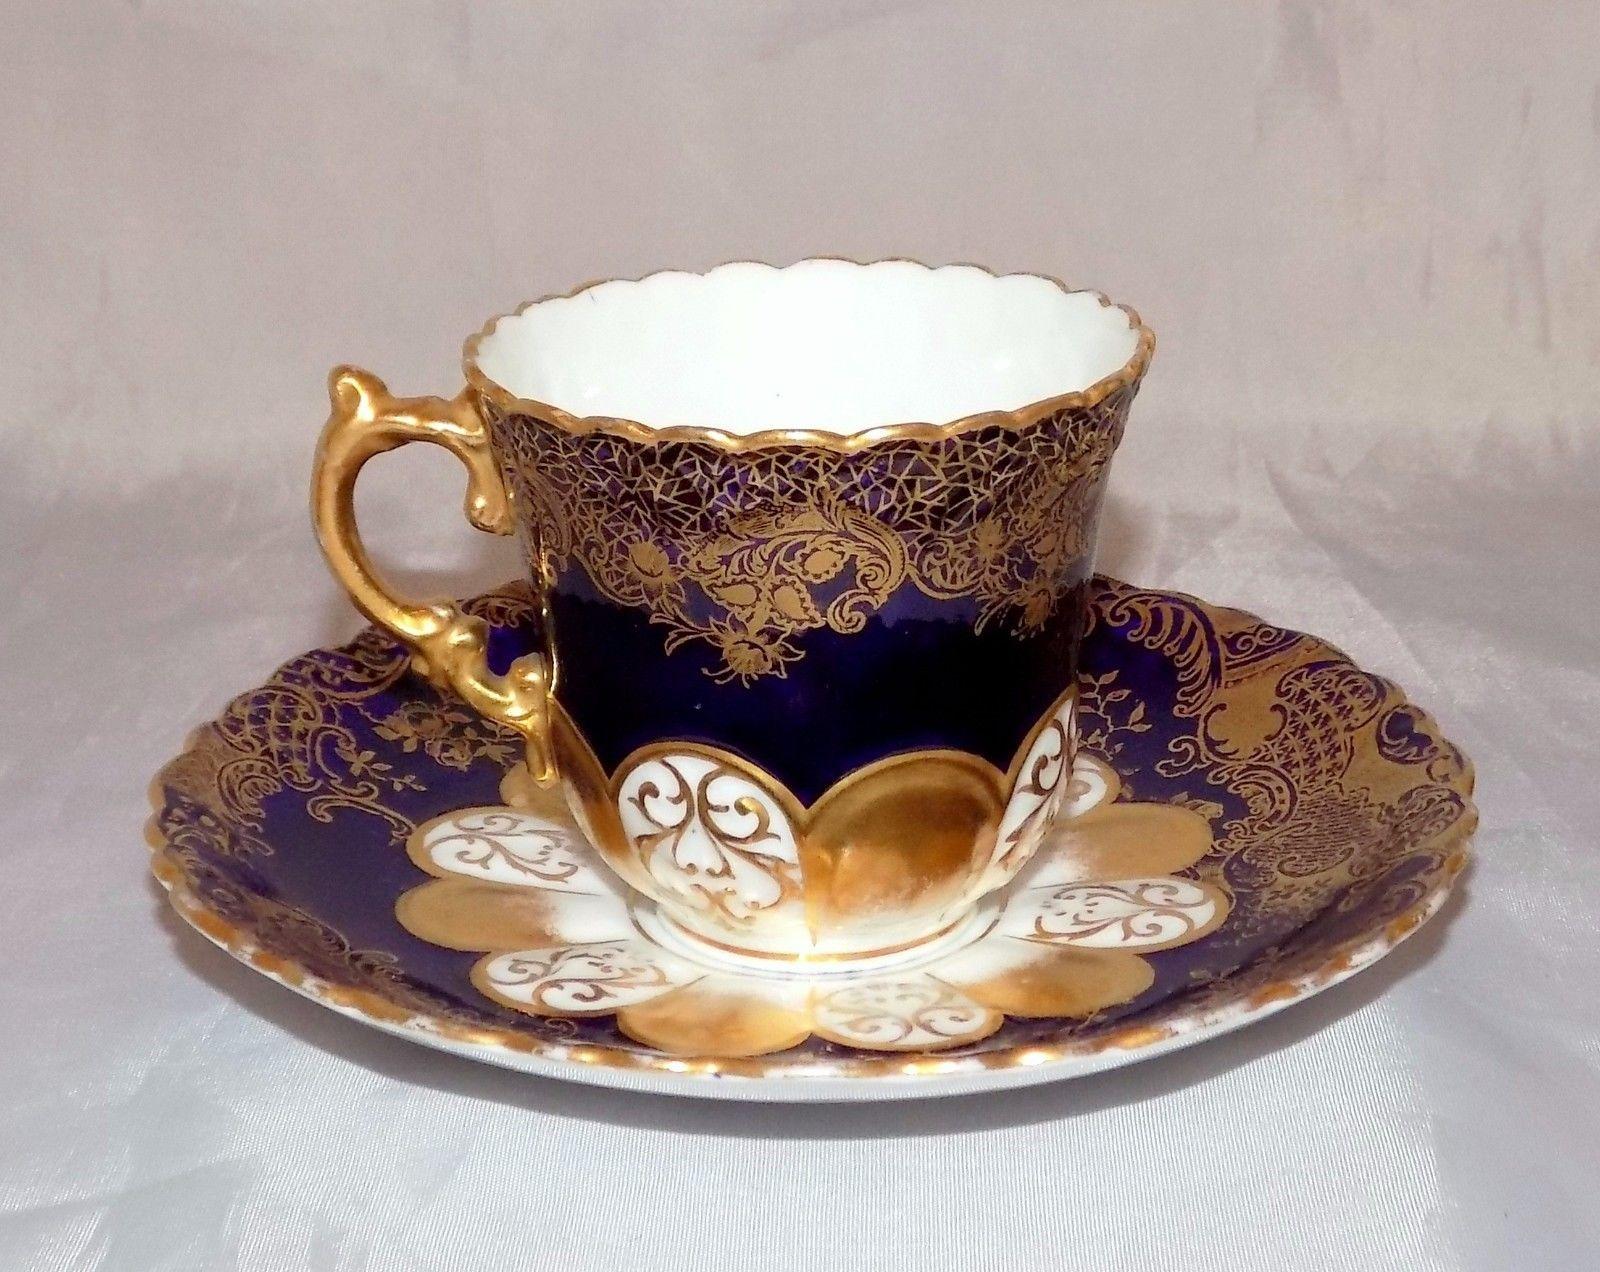 Antique Aynsley High Tea Cobalt Blue Gold Gilded Porcelain Tea Cup